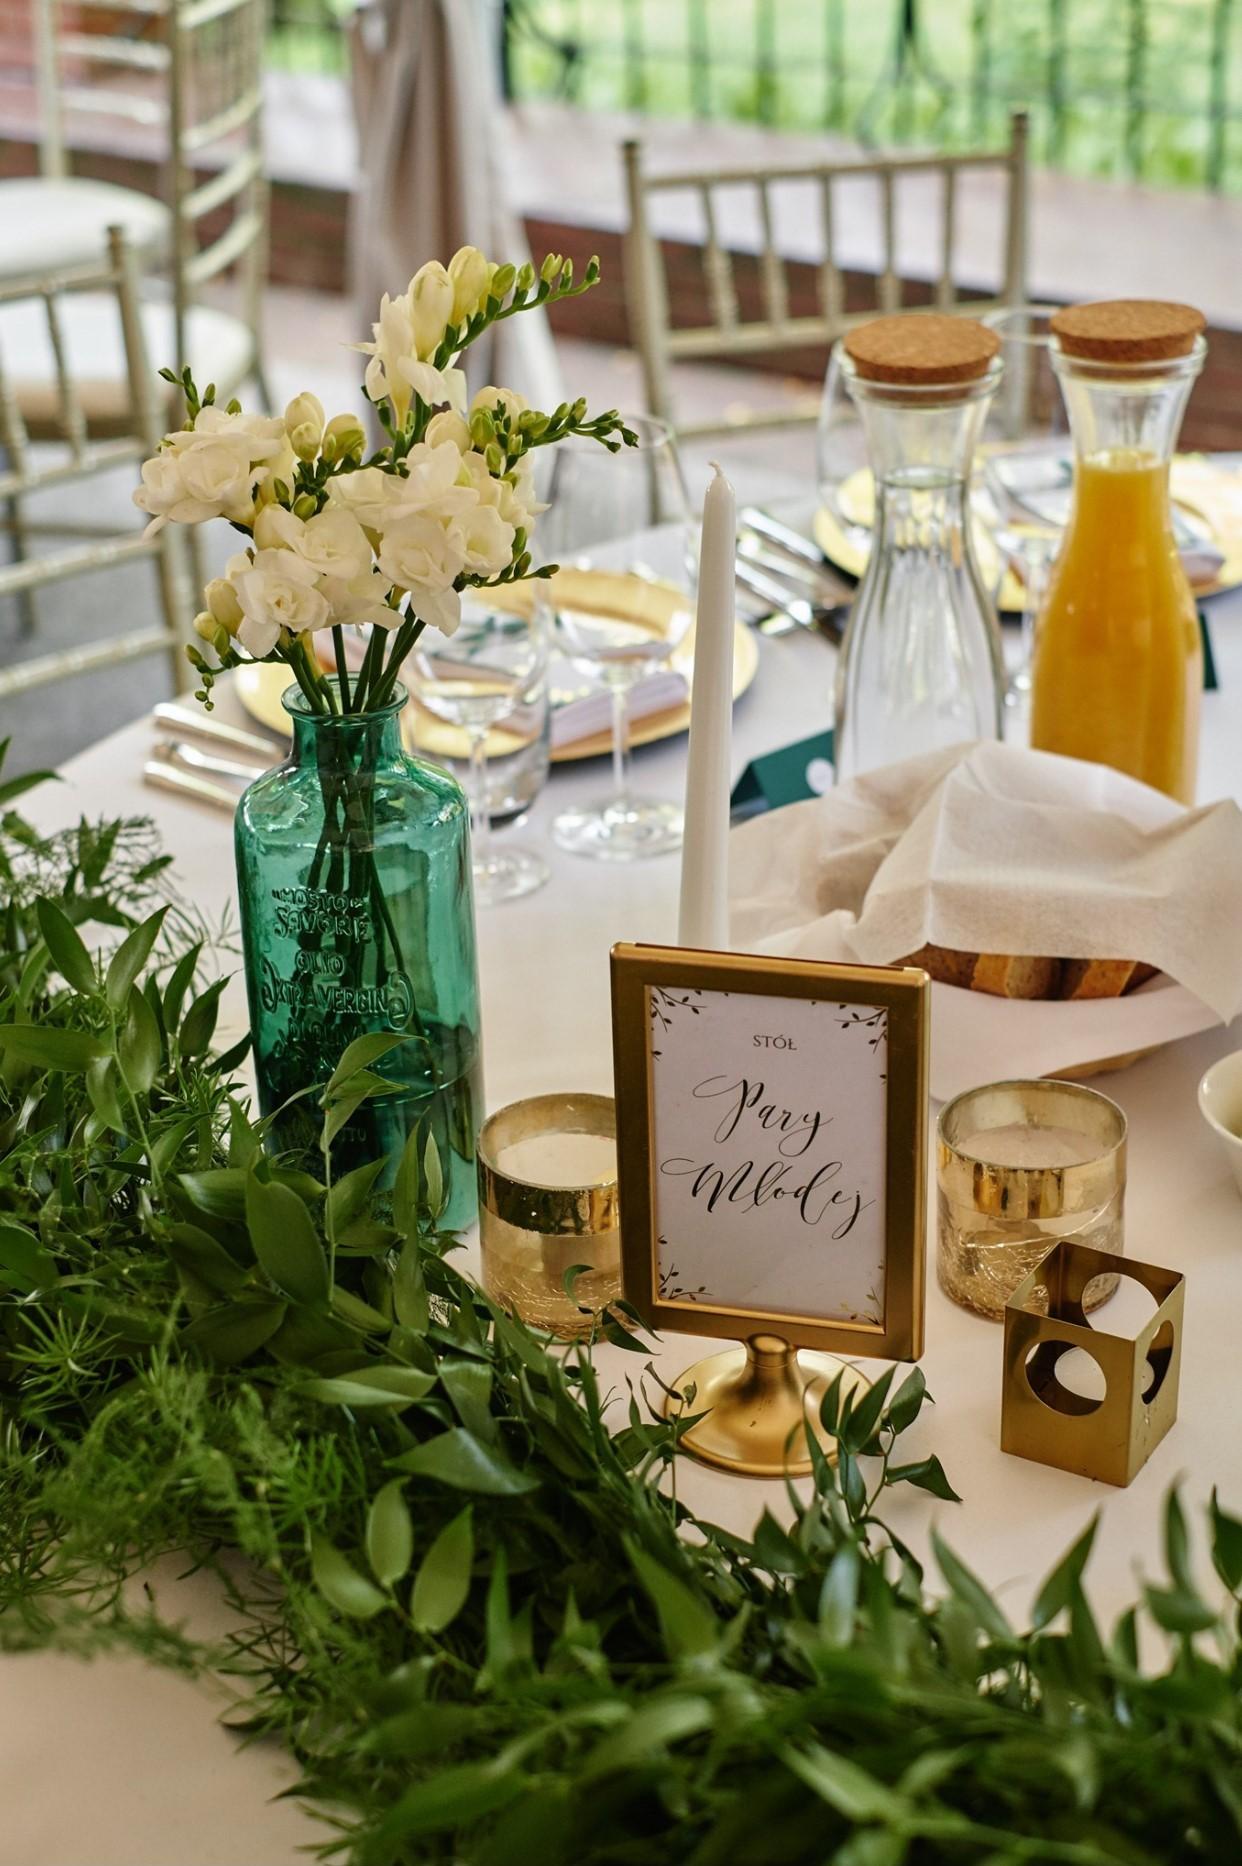 wesele, szmaragd, złoto, konsultant ślubny, wesele w klubie bankowca, greenery, gold, emerald, konsultant ślubny, konsultant ślubny warszawa, wedding planner, organizacja wesel, organizacja ślubów, organizacja ślubu, warszawa, stół pary młodej